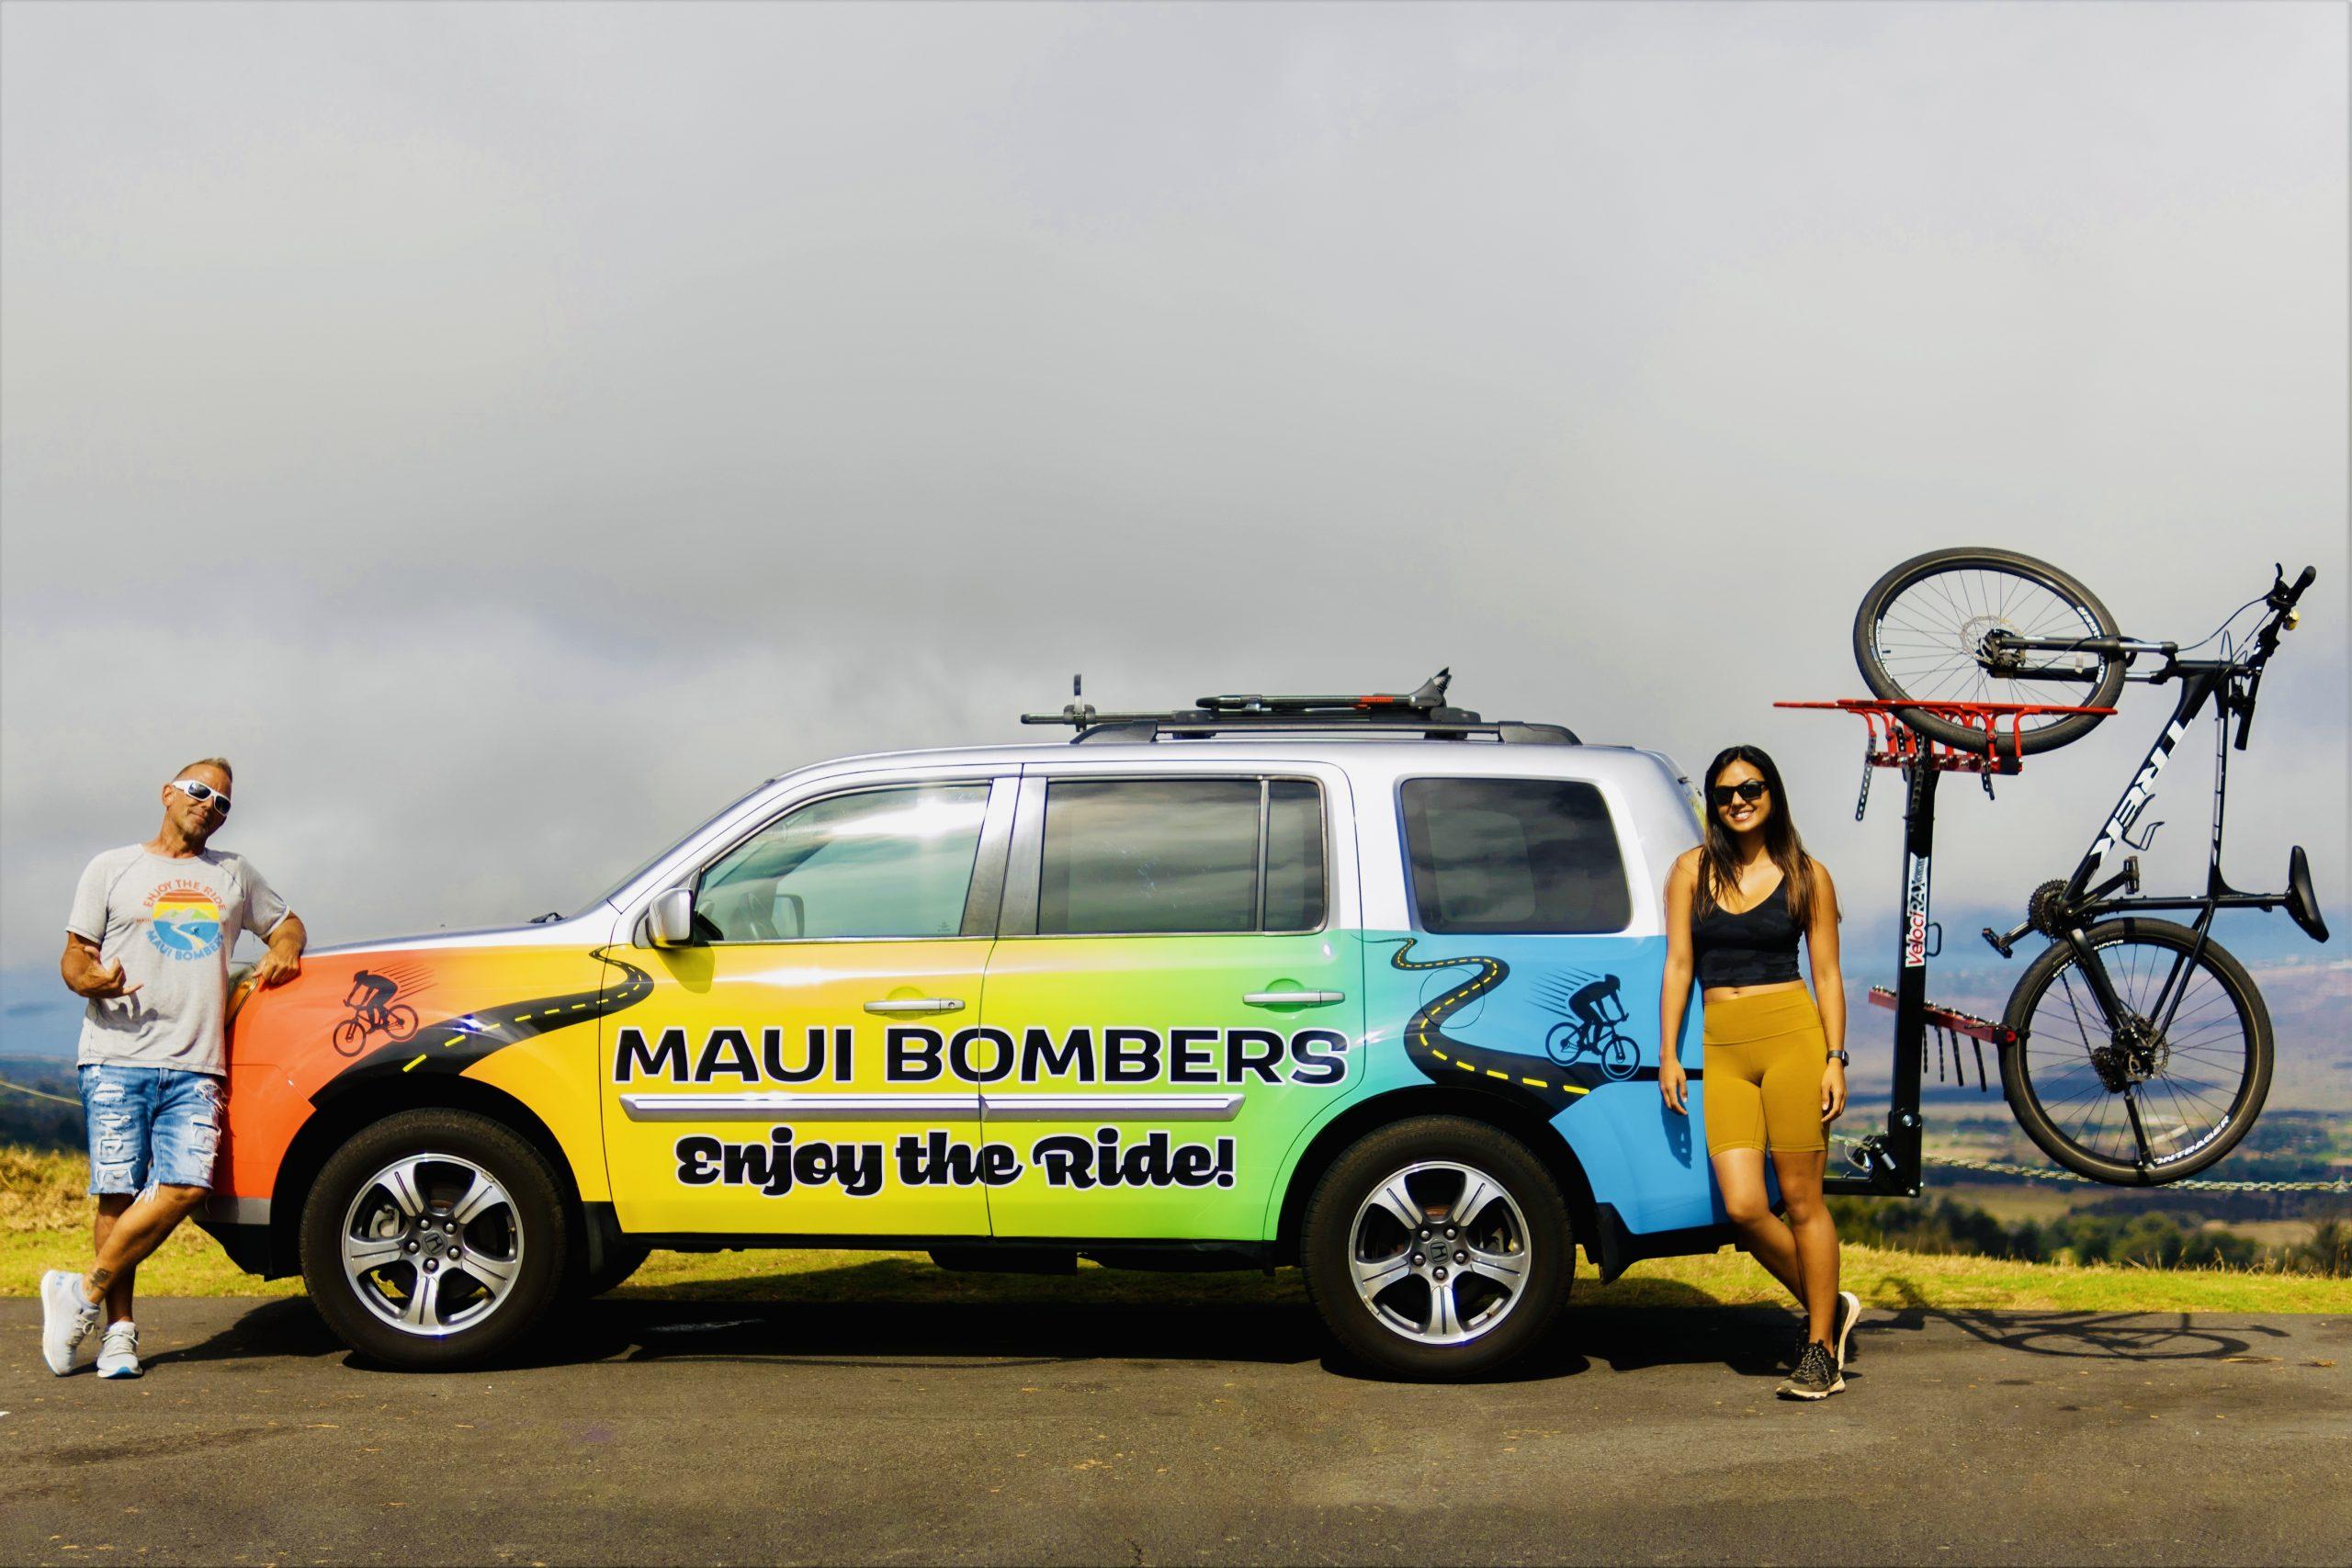 Maui Bombers is the #1 Rated Maui Bike Tour